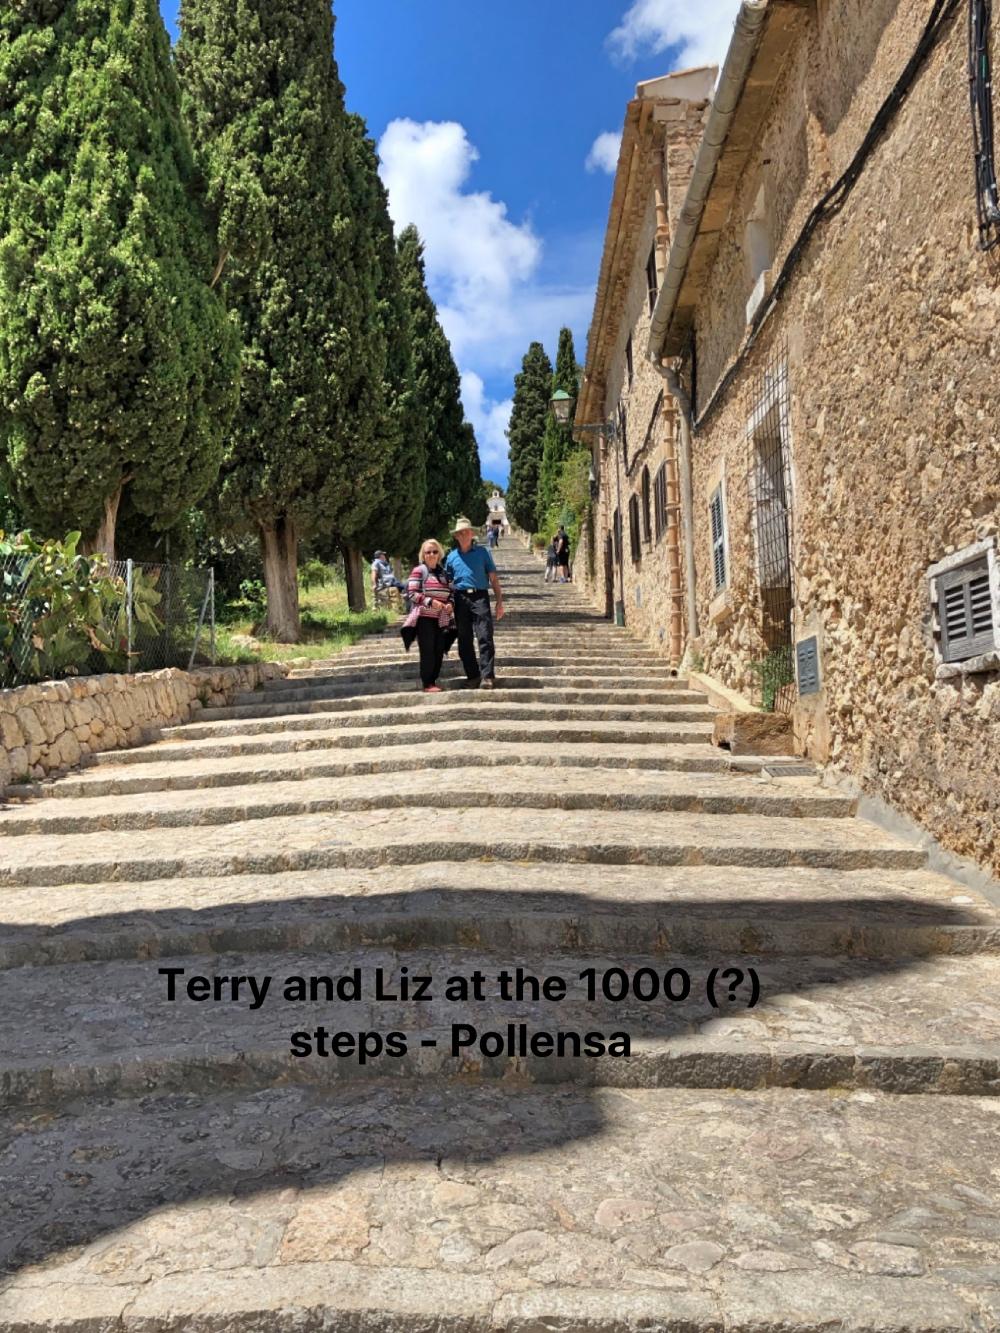 Pollensa 1000 steps.jpg